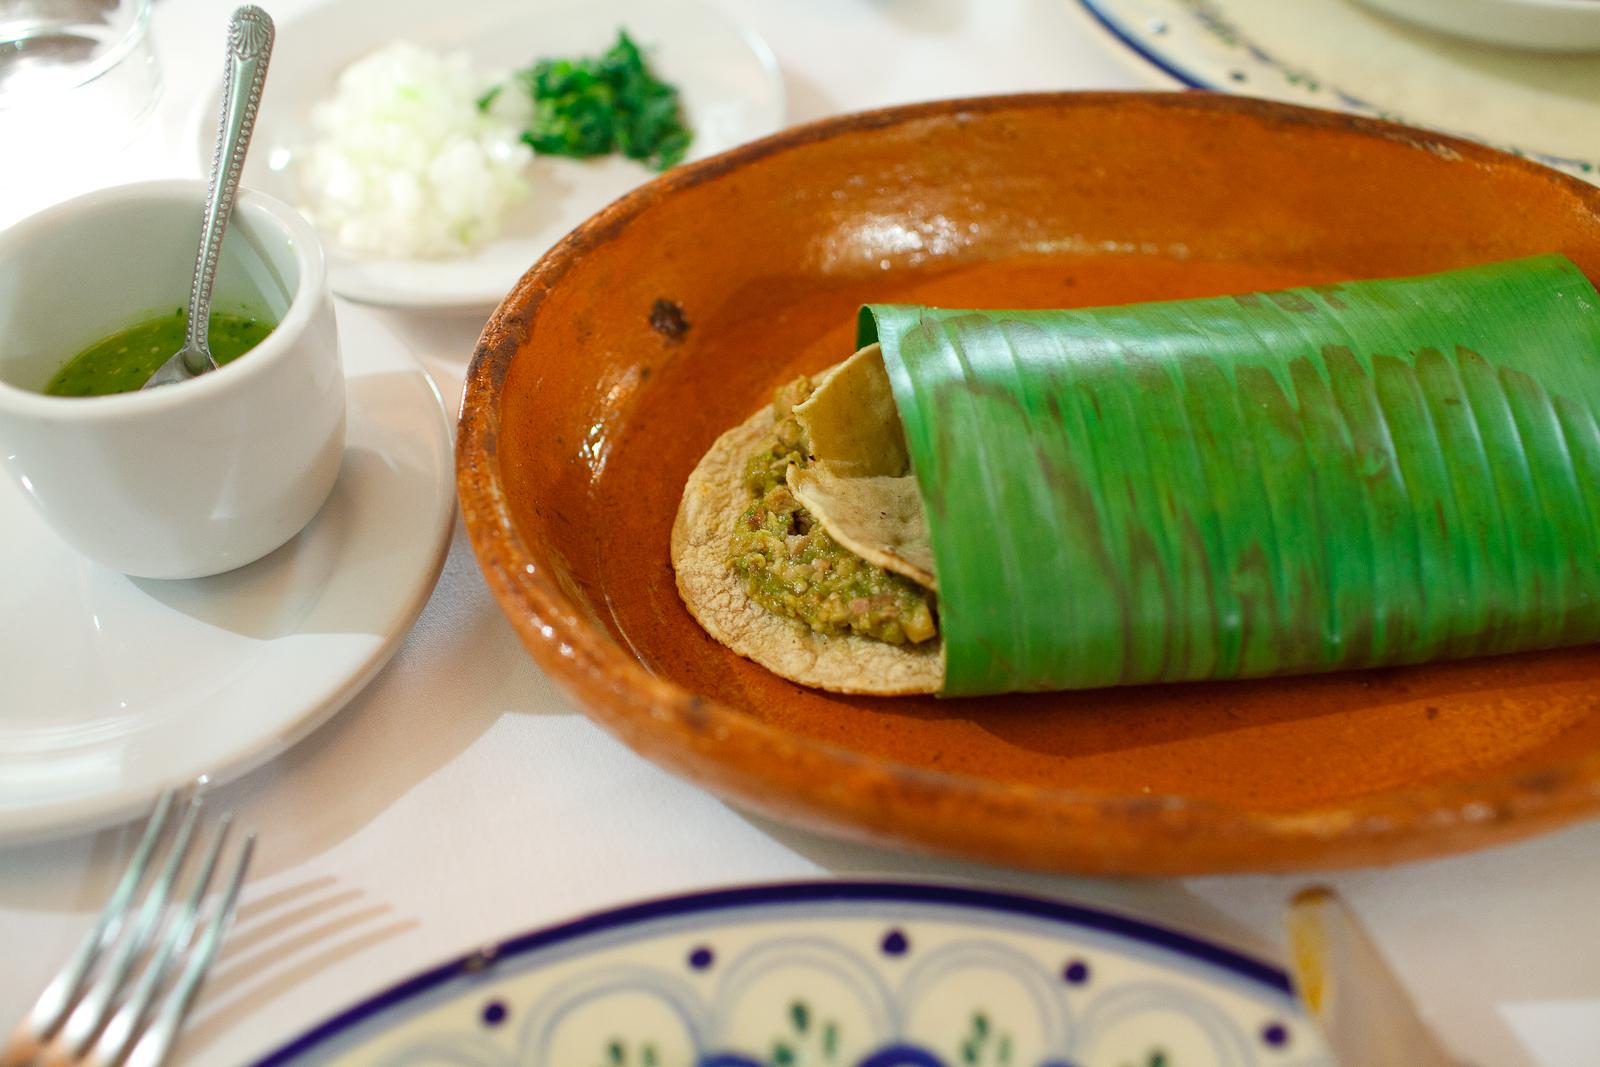 Tacos de chicharrón prensado en salsa verde con calabacitas y tortillas hechas a mano (Pressed pork skin tacos, green salsa, squash, and hand-made tortillas) ($95 MXP).jpg